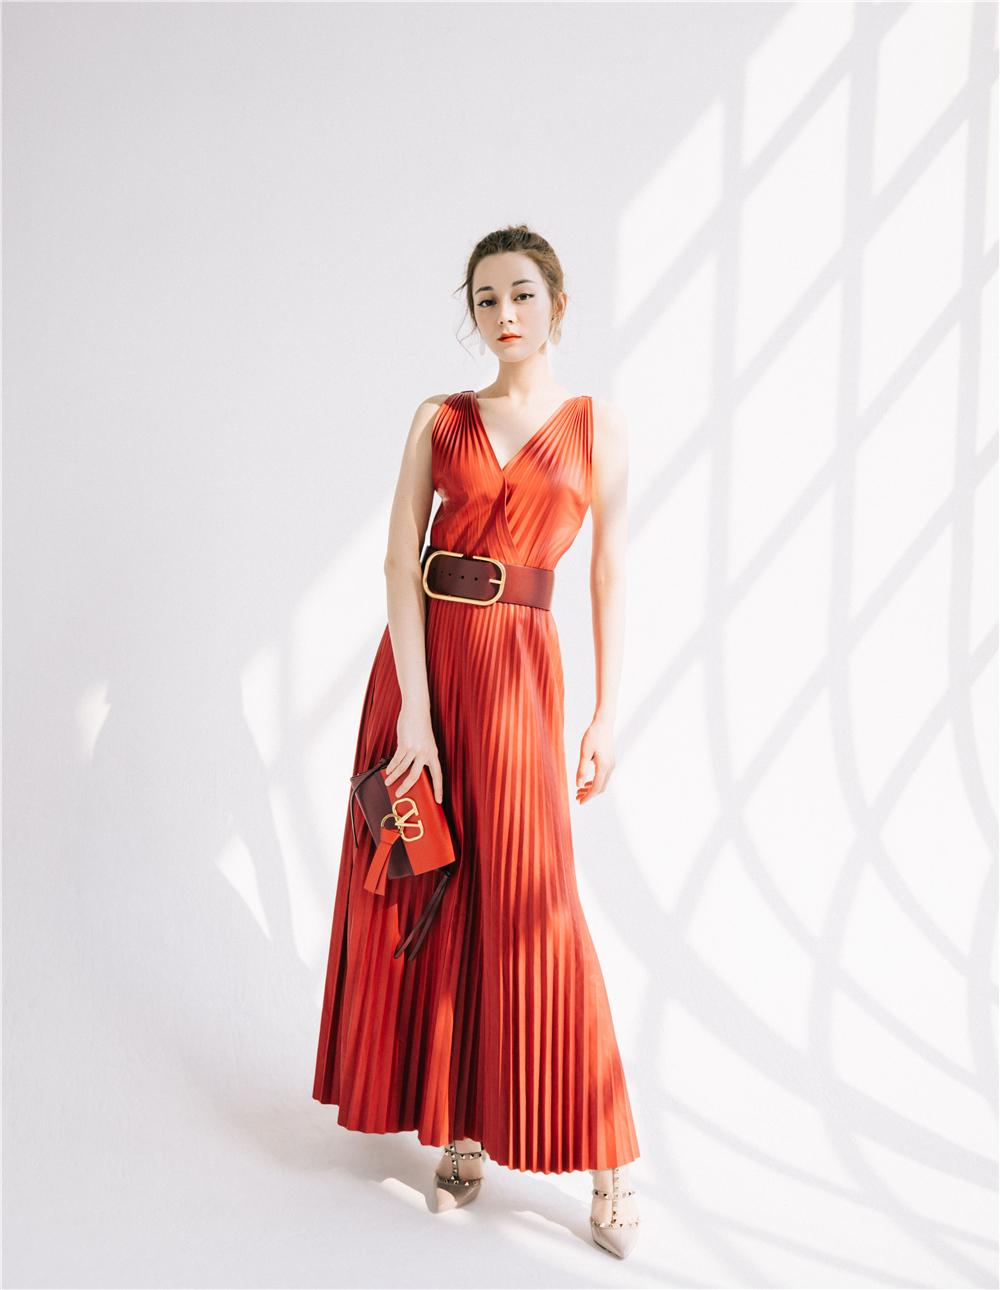 三美穿同款红礼裙,徐贤气质不输李荷妮,热巴年纪最小却不落下风